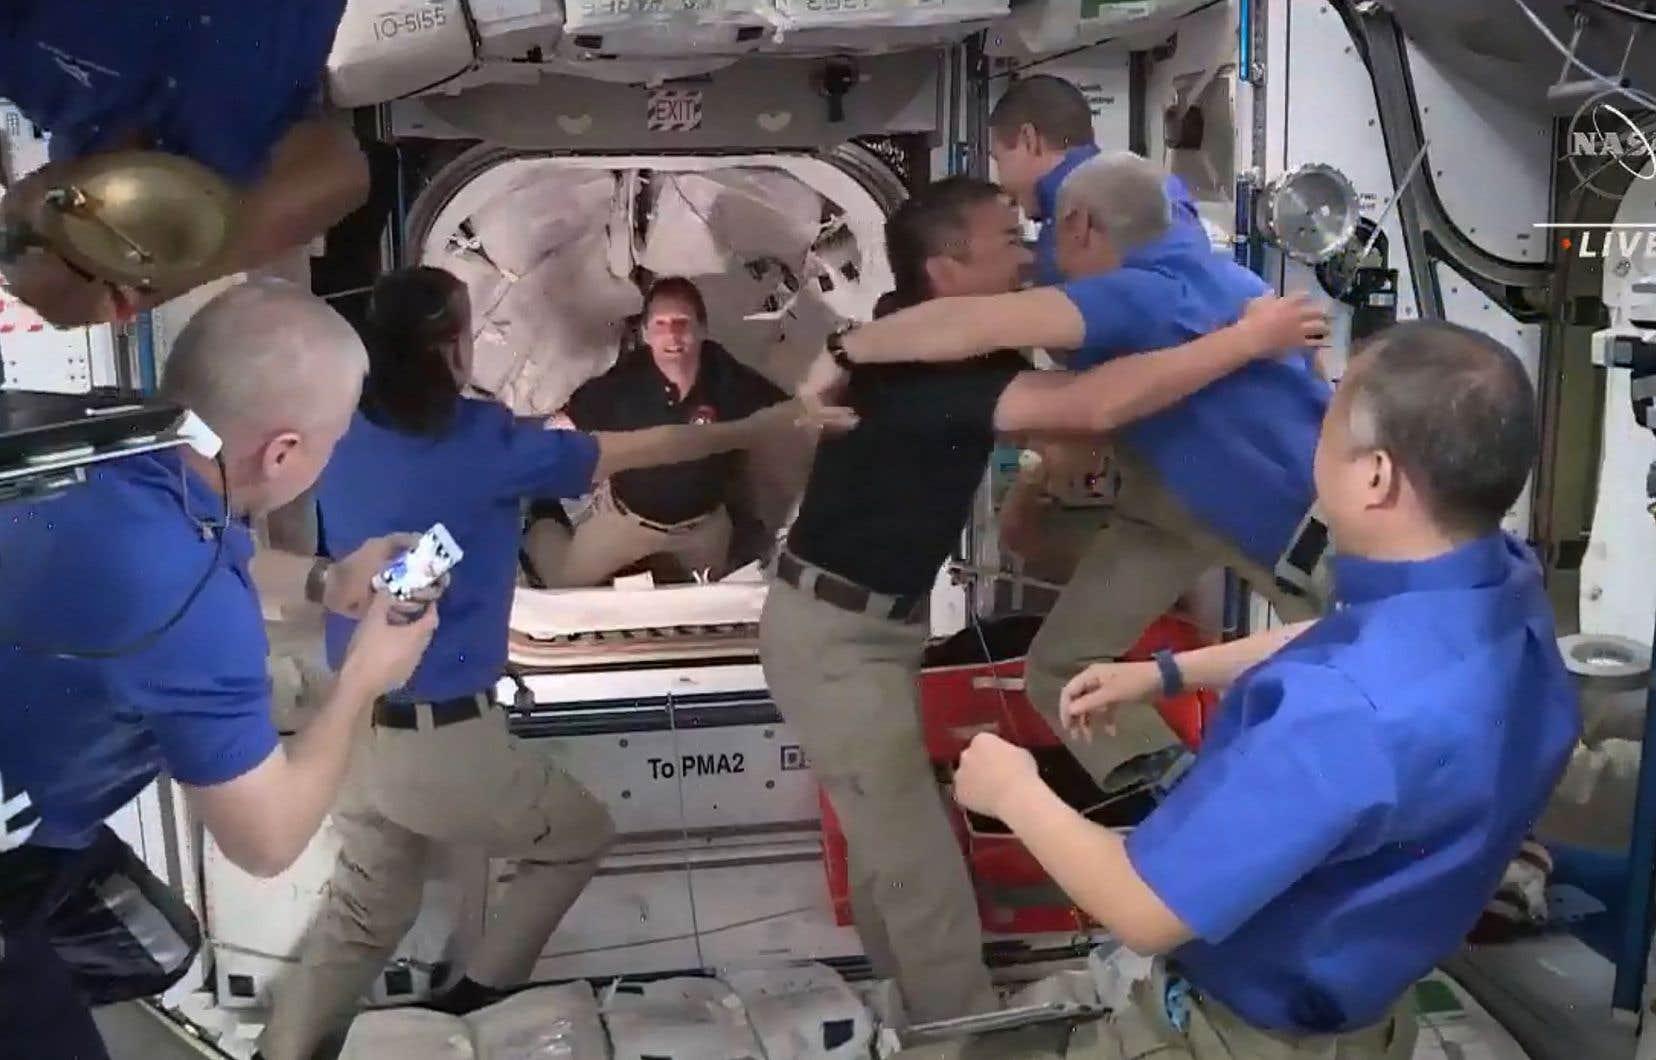 L'équipe de «Crew-2», composée du Français Thomas Pesquet pour l'Agence spatiale européenne, des Américains Shane Kimbrough et Megan McArthur et du Japonais Akihiko Hoshide, est venue rejoindre les sept astronautes déjà présents dans l'ISS.